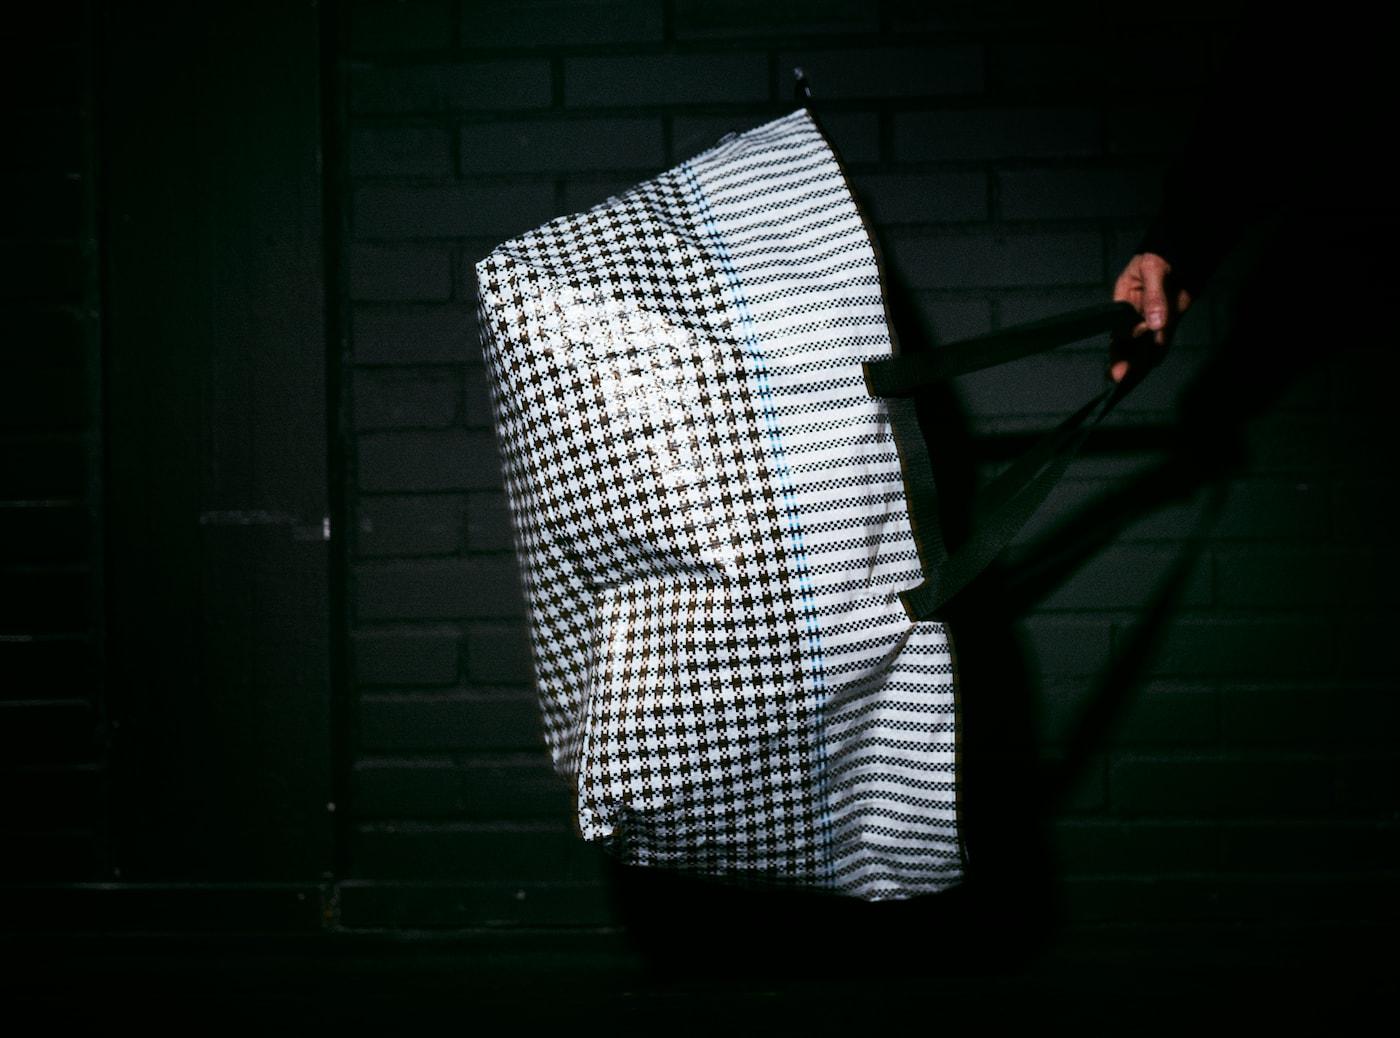 En modell håller i en SAMMANKOPPLA kasse i ett mörkt rum. Den blanka ytan och hundtandsmönstret lyses upp av kamerablixten.